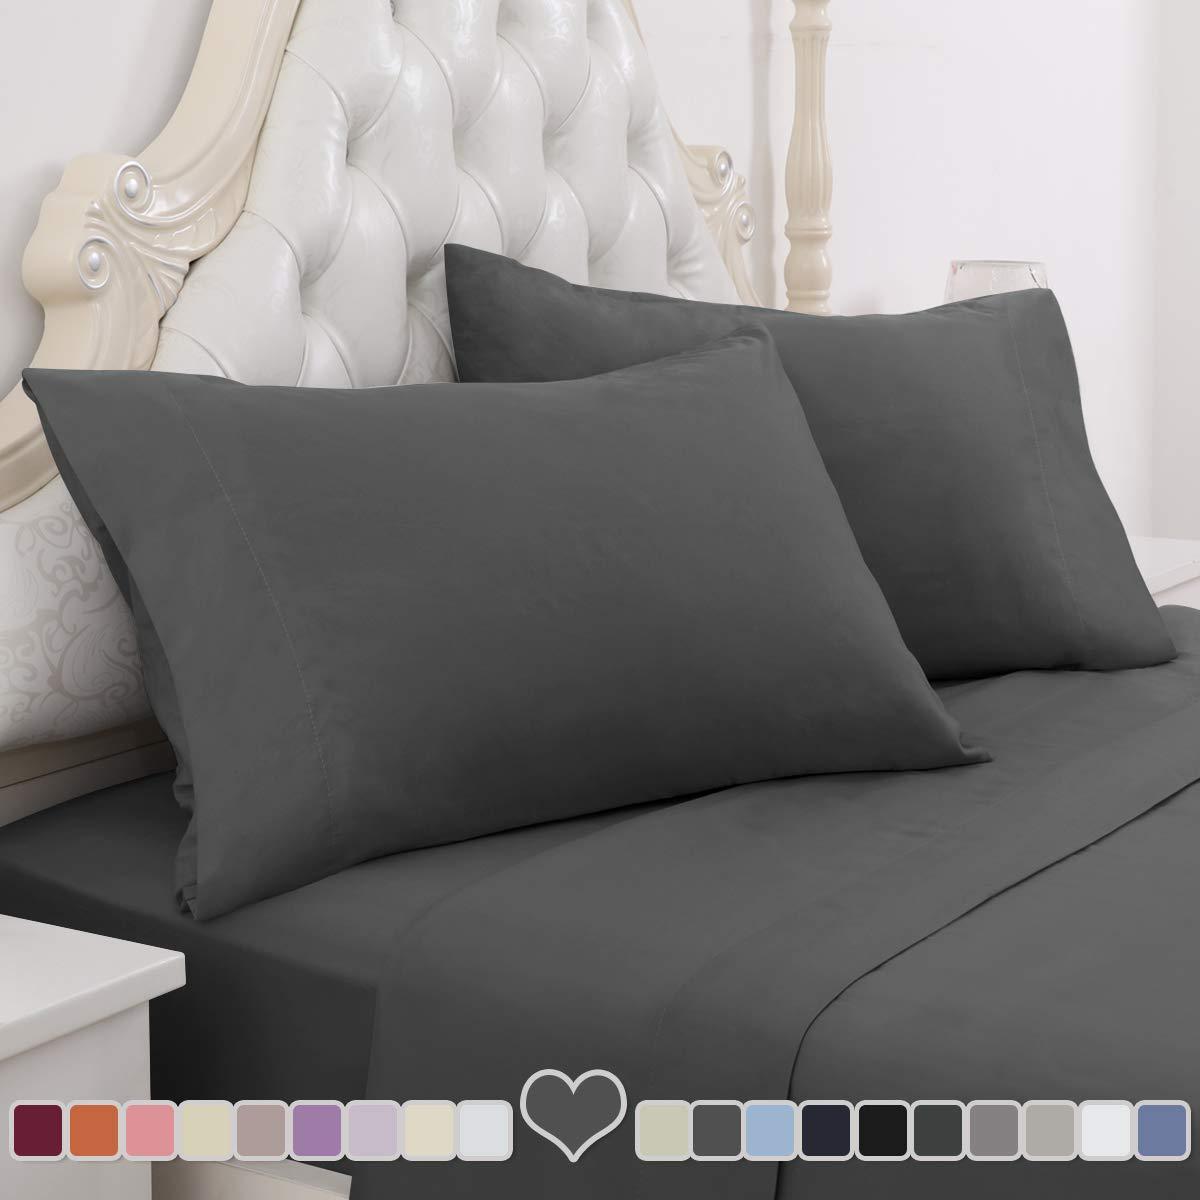 HOMEIDEAS 4 Piece Bed Sheet Set (Queen, Deep Grey) 100% Brushed Microfiber 1800 Bedding Sheets - Deep Pockets